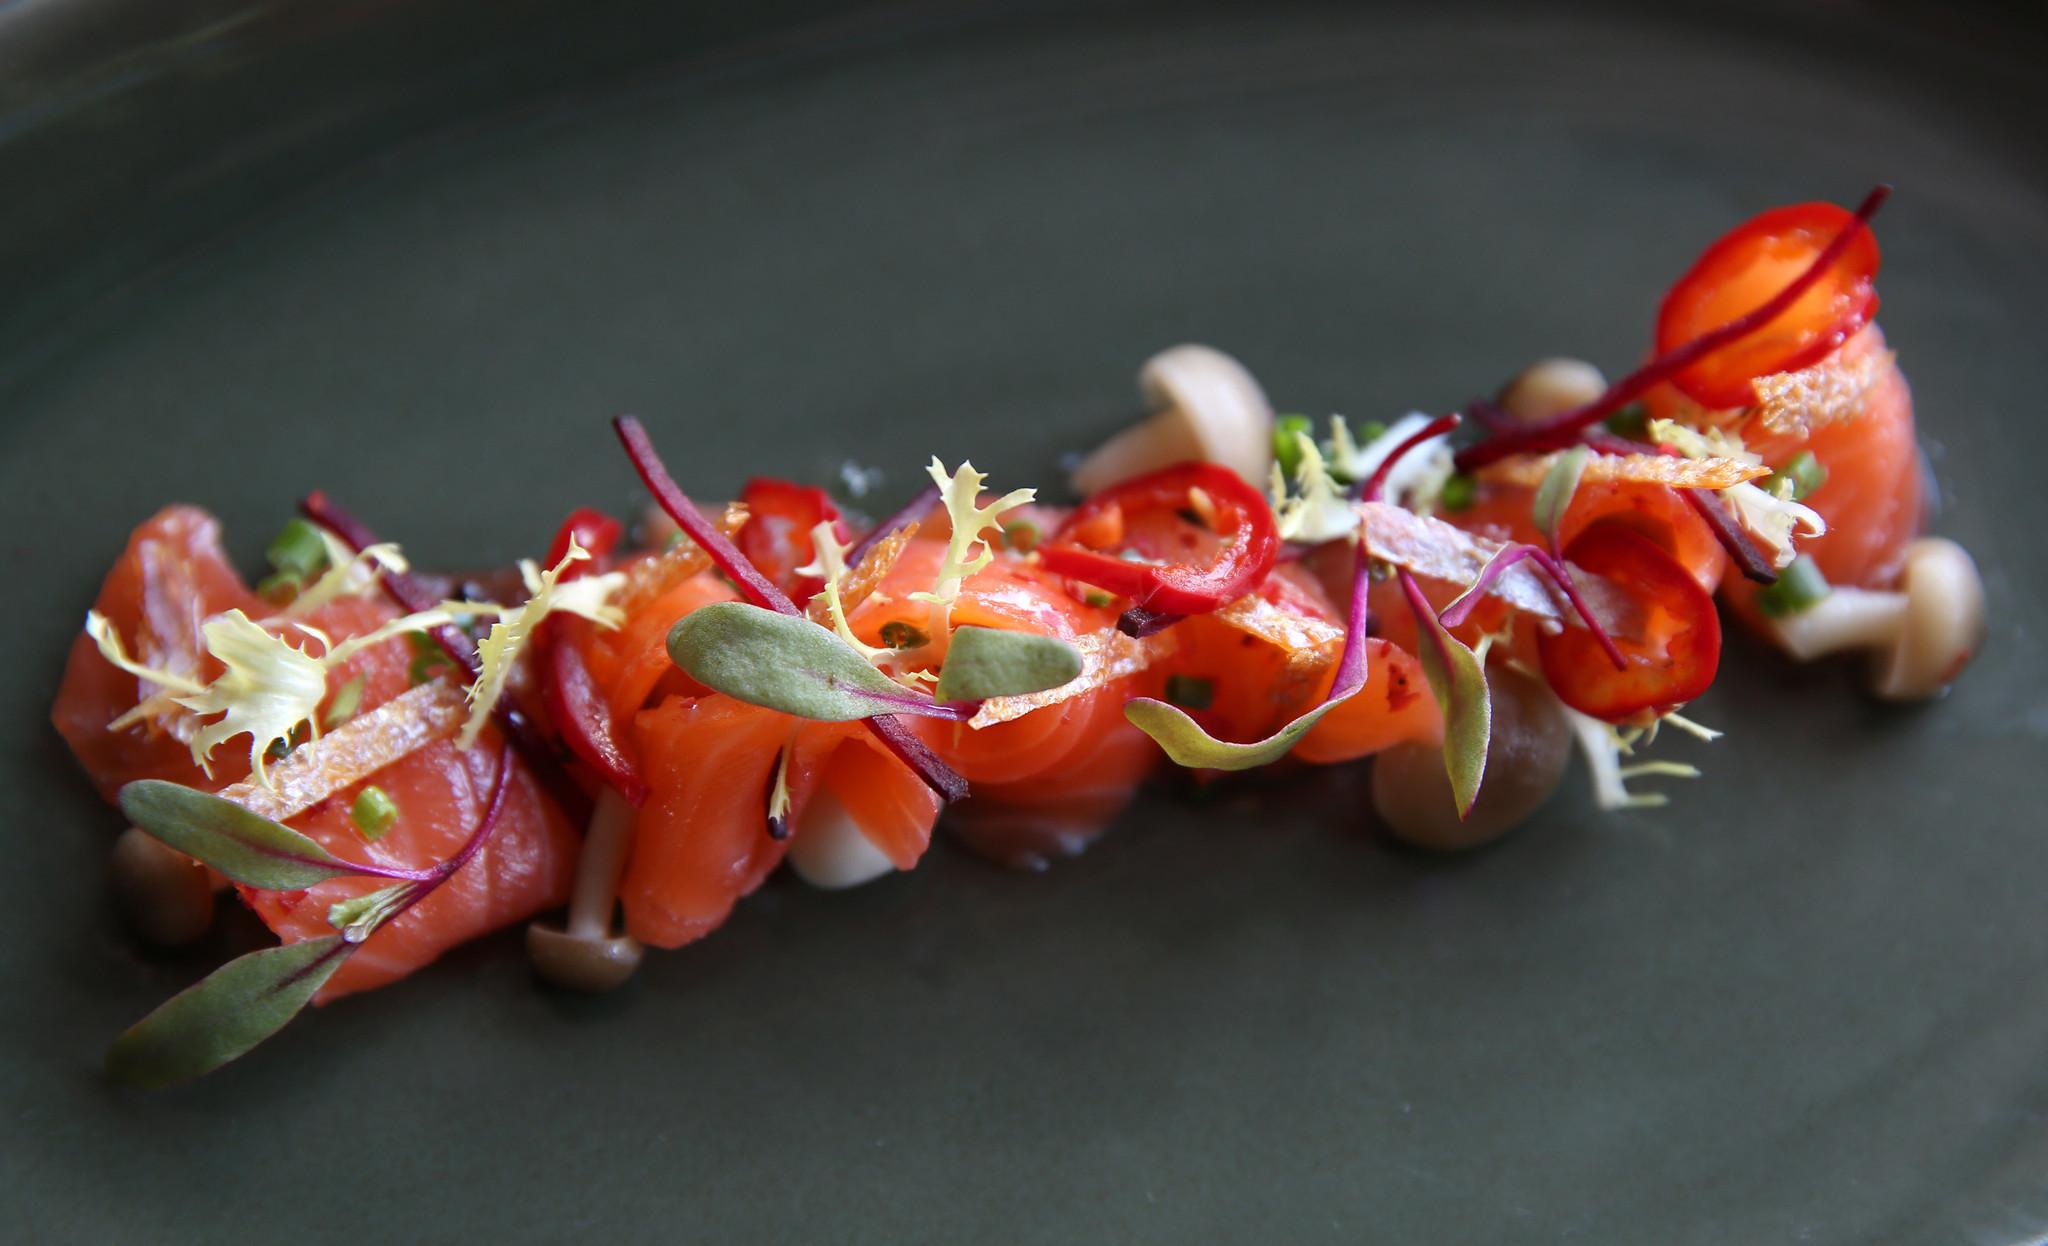 4 Chicago restaurants make Bon Appetit's Top 50 list